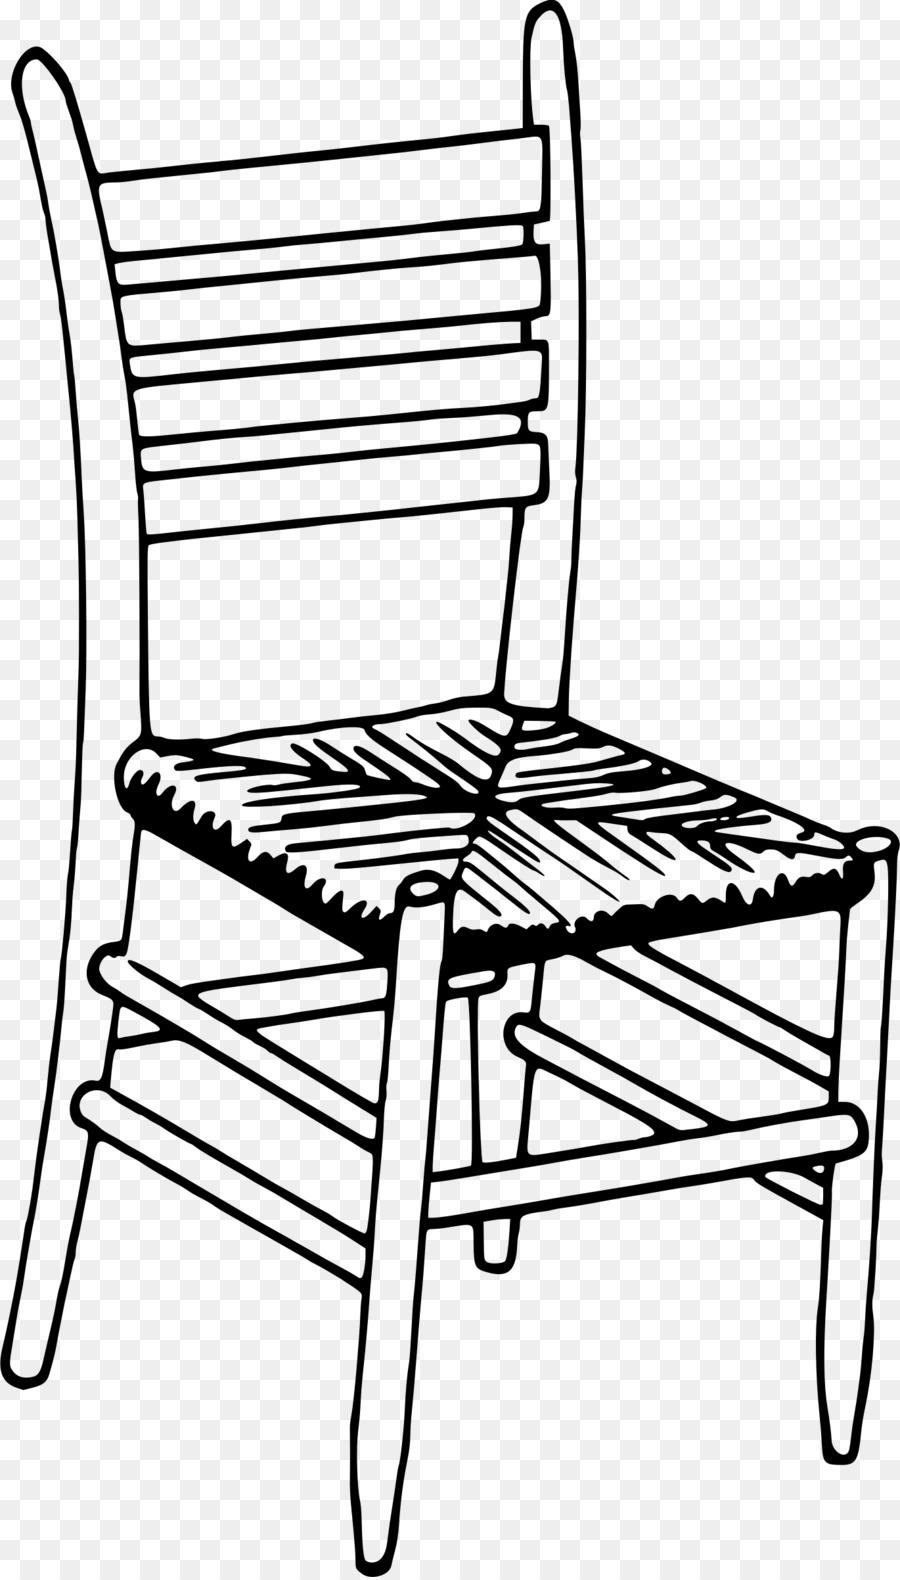 Dipingere Sedie Di Legno sedia di disegno mobili per libro da colorare - sedie